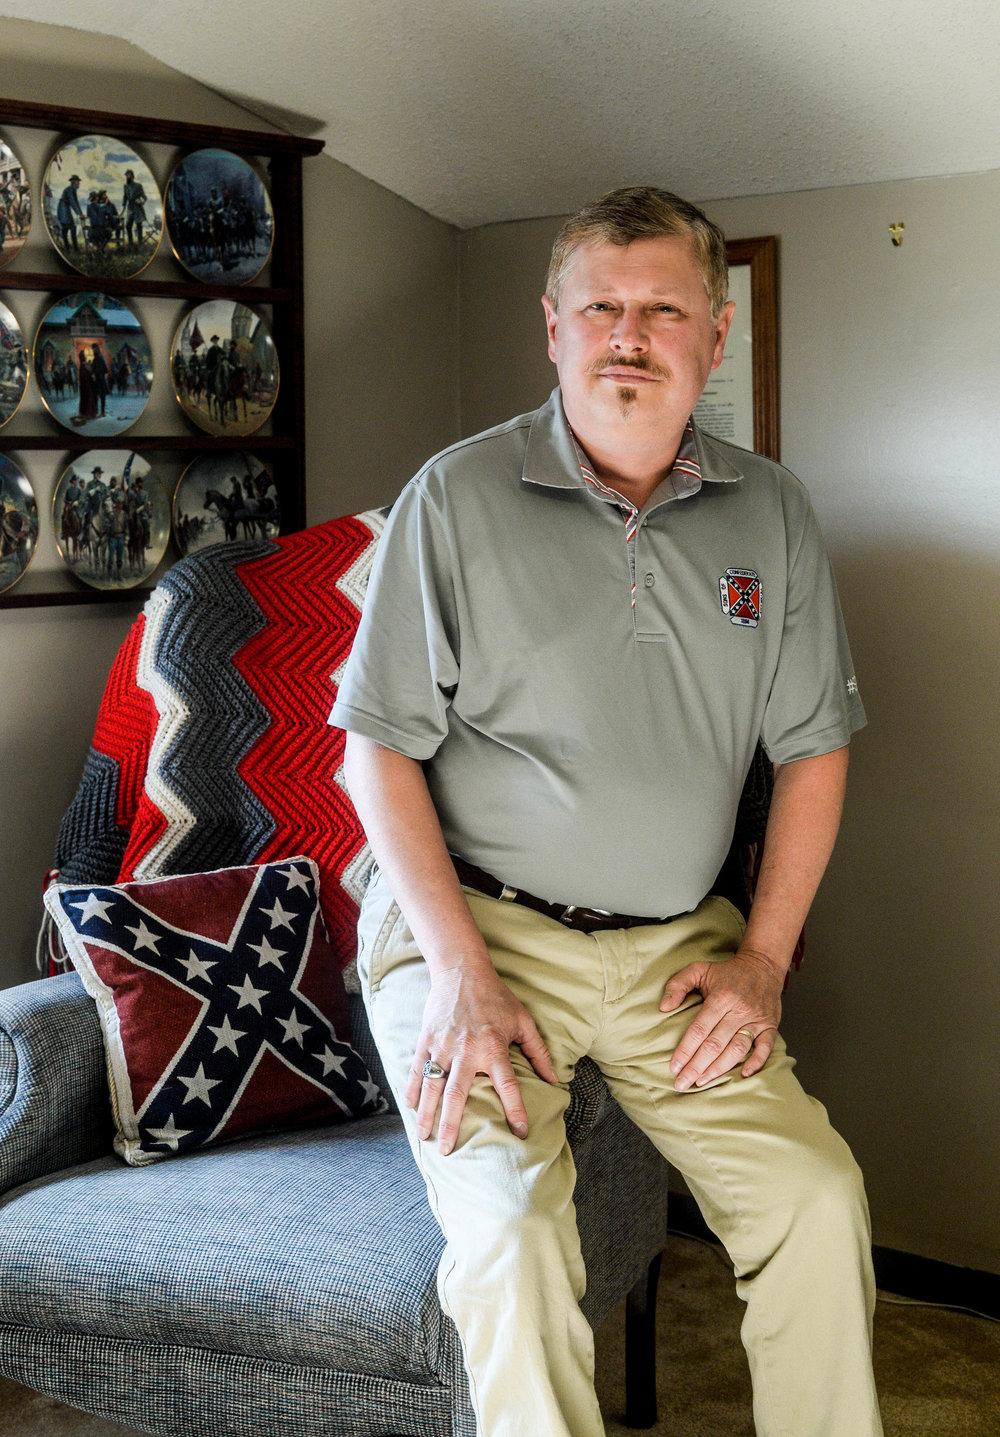 ConfederateFlag_847.jpg